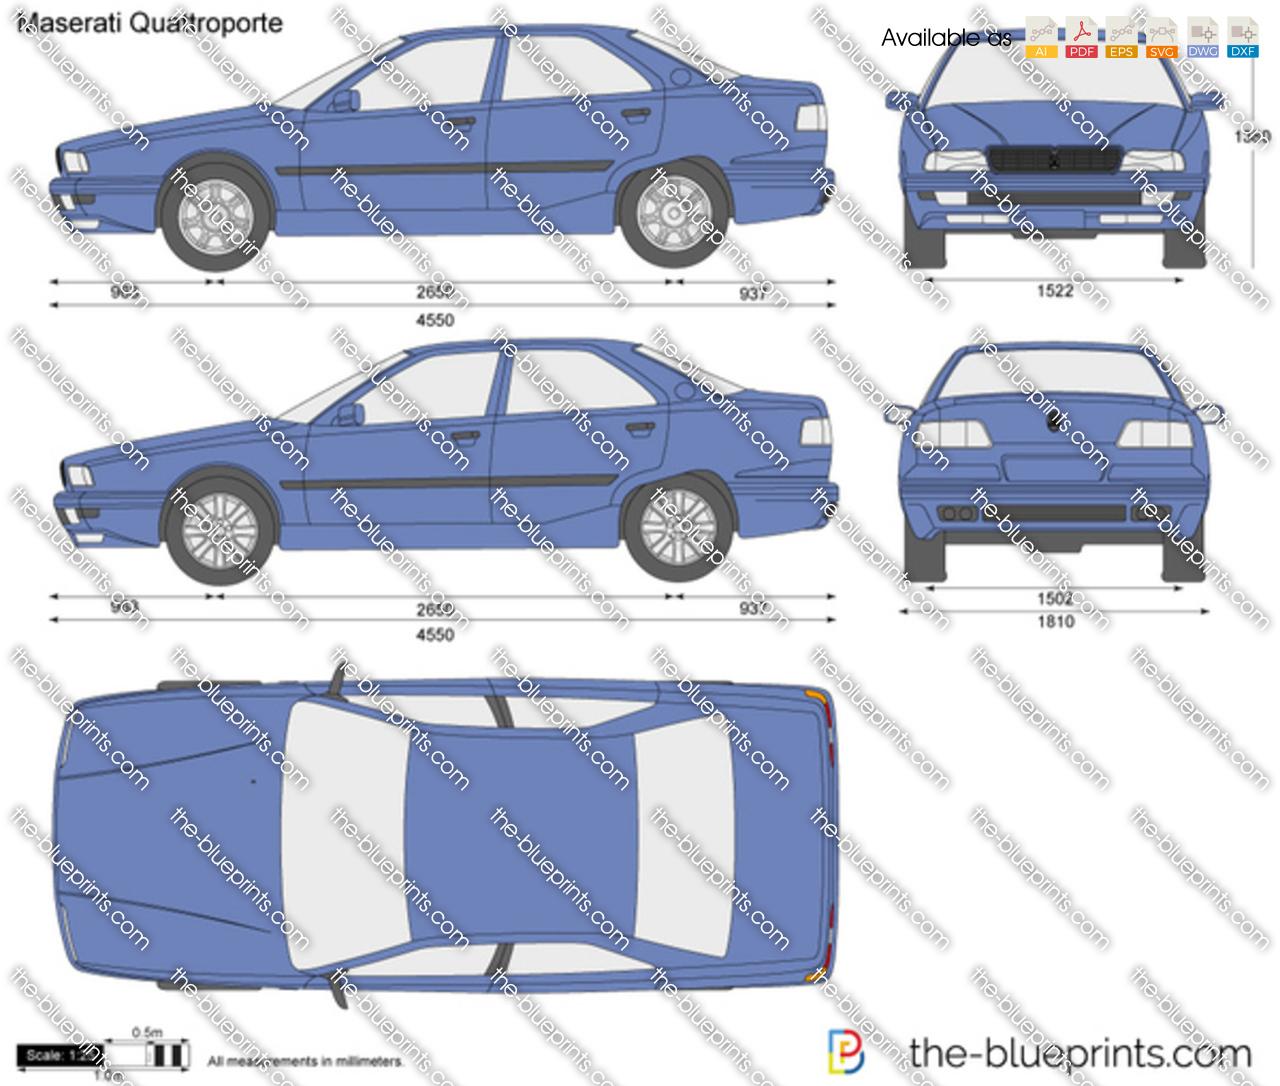 Maserati Quattroporte 1995